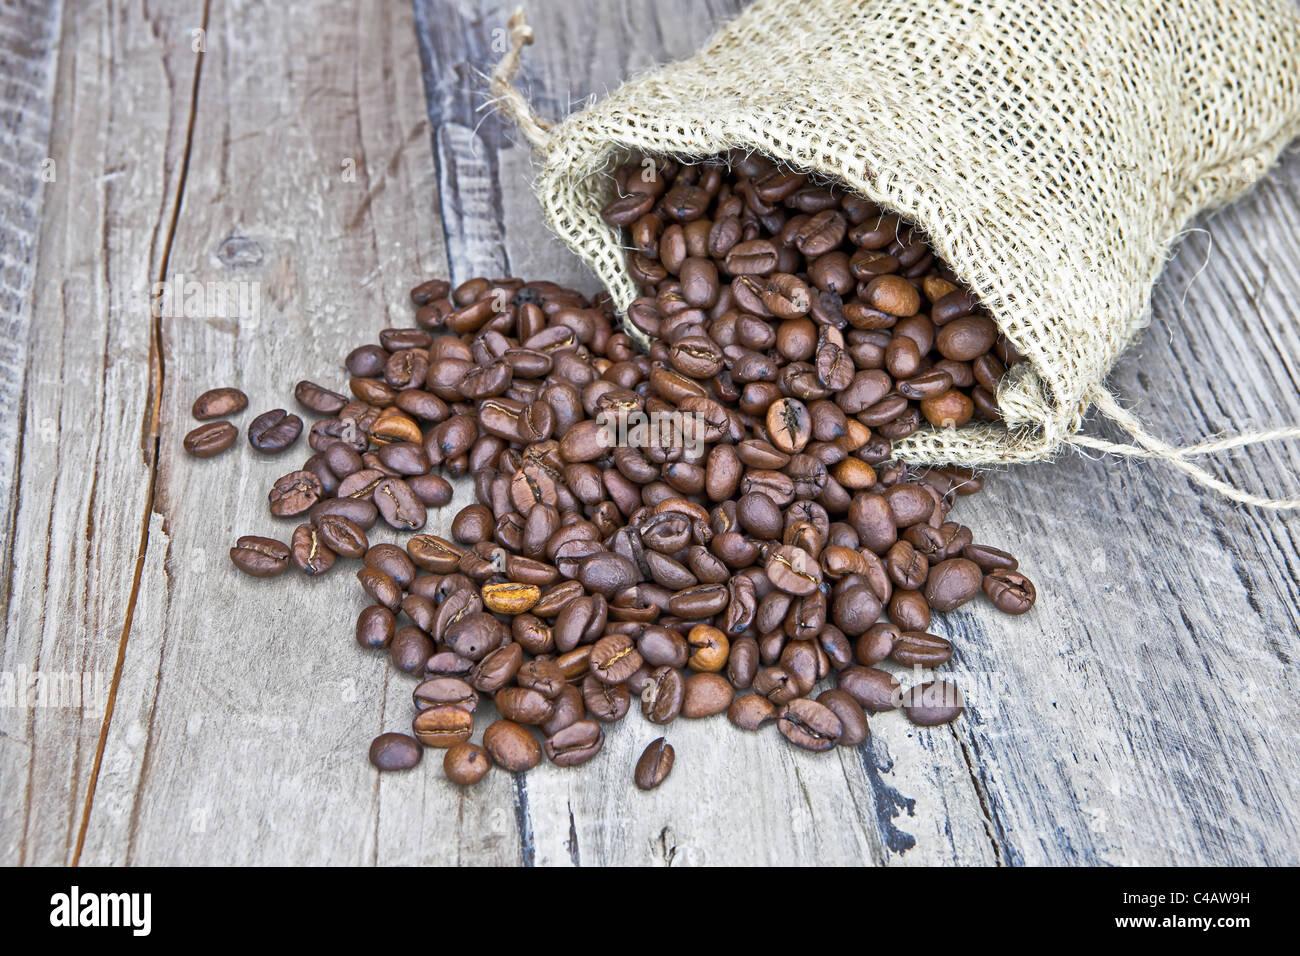 Grains de café dans un sac de jute sur une table en bois Photo Stock